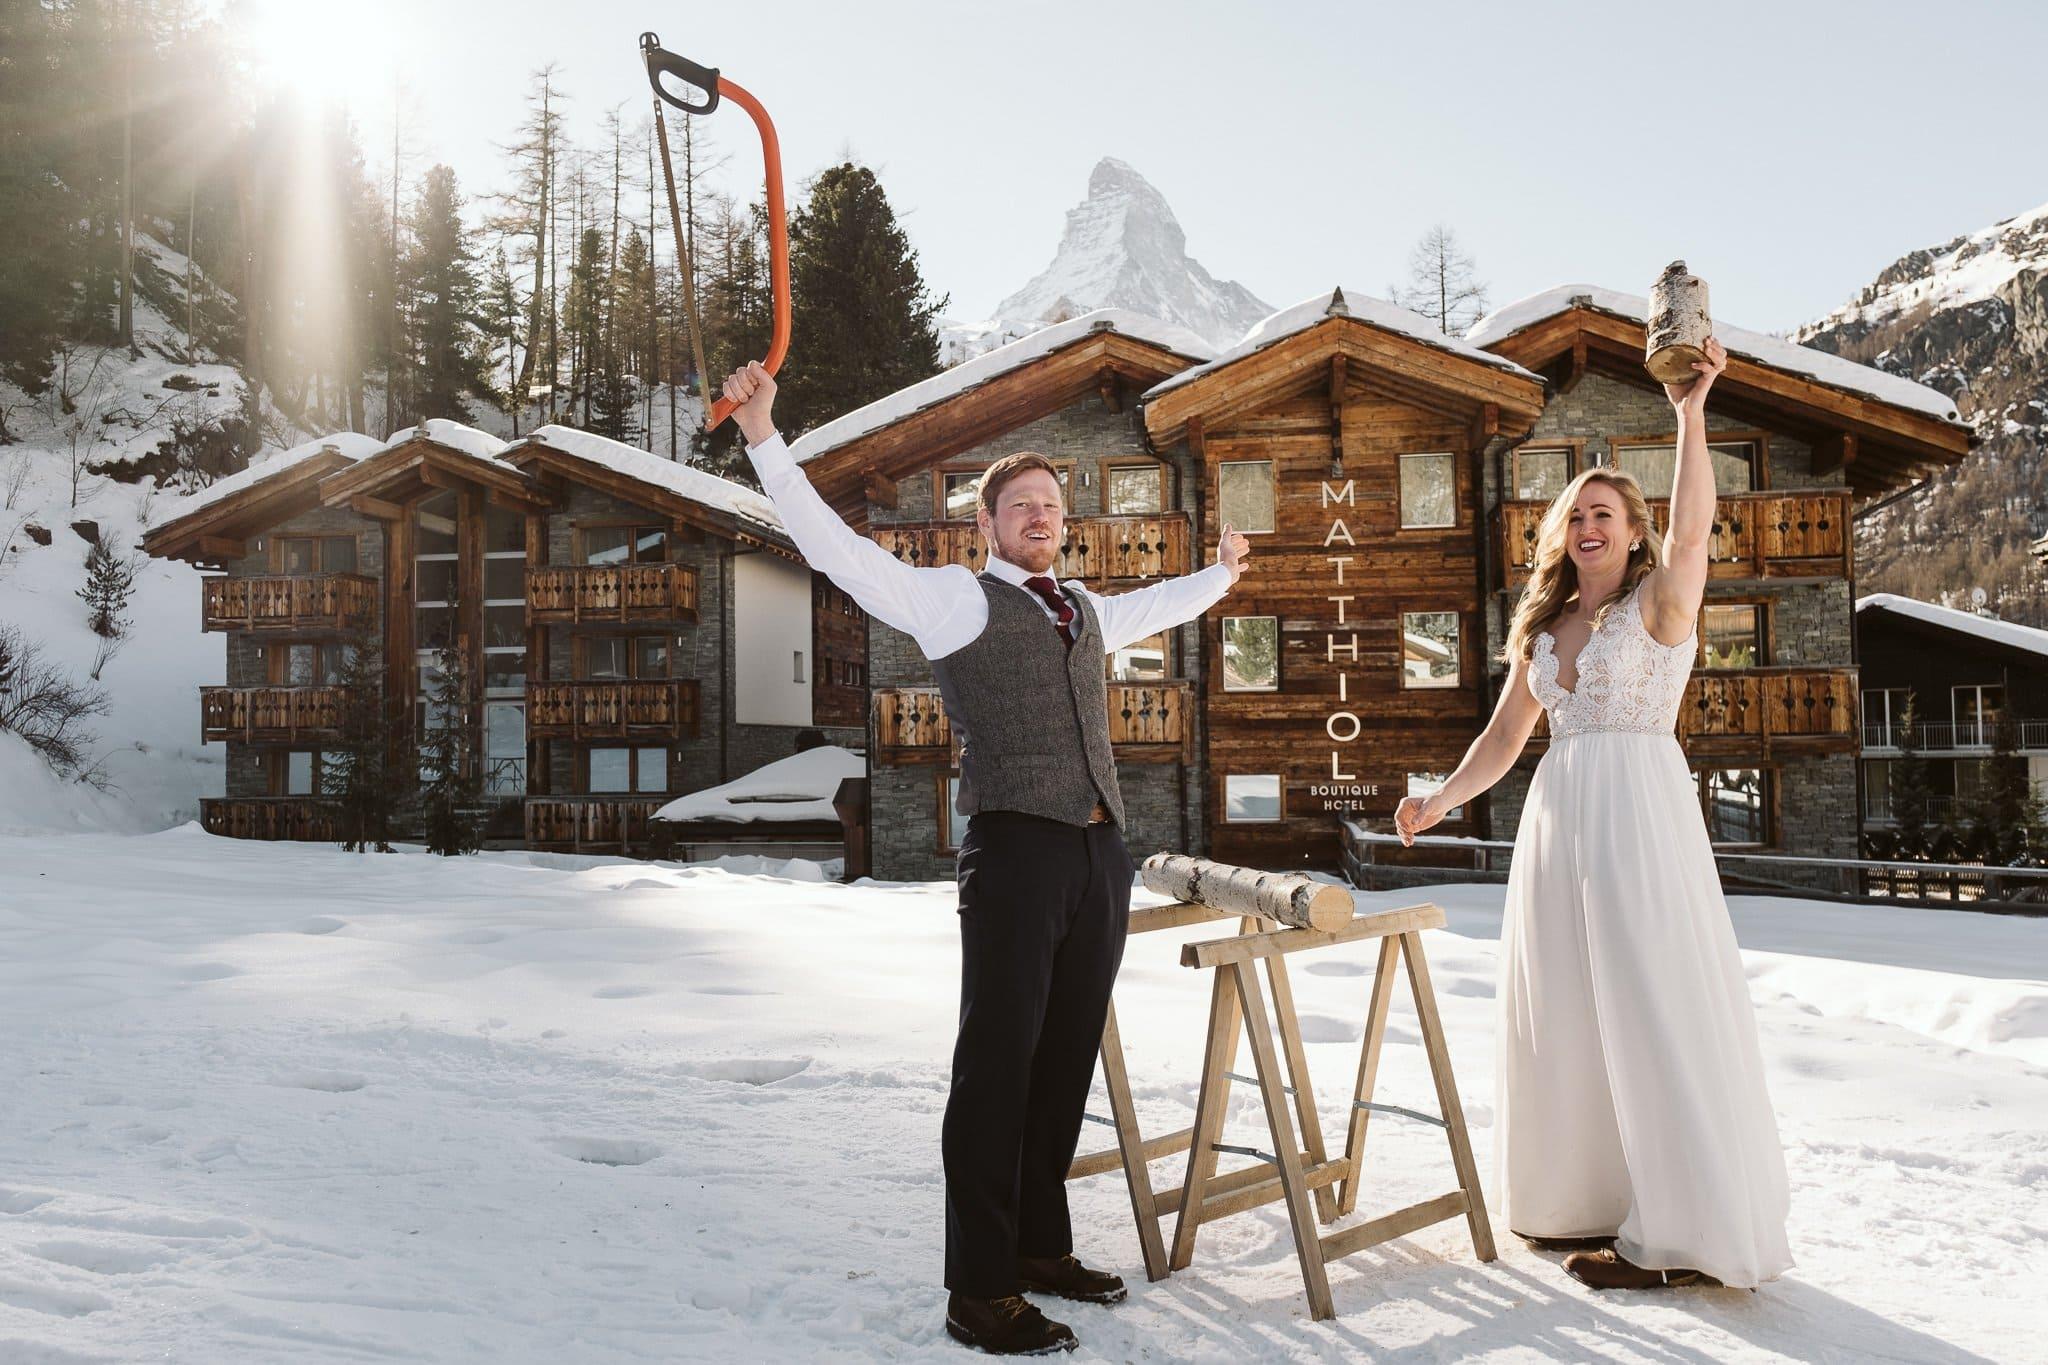 Bride and groom baumstamm sagen in front of Matthiol Boutique Hotel in Zermatt, Switzerland.